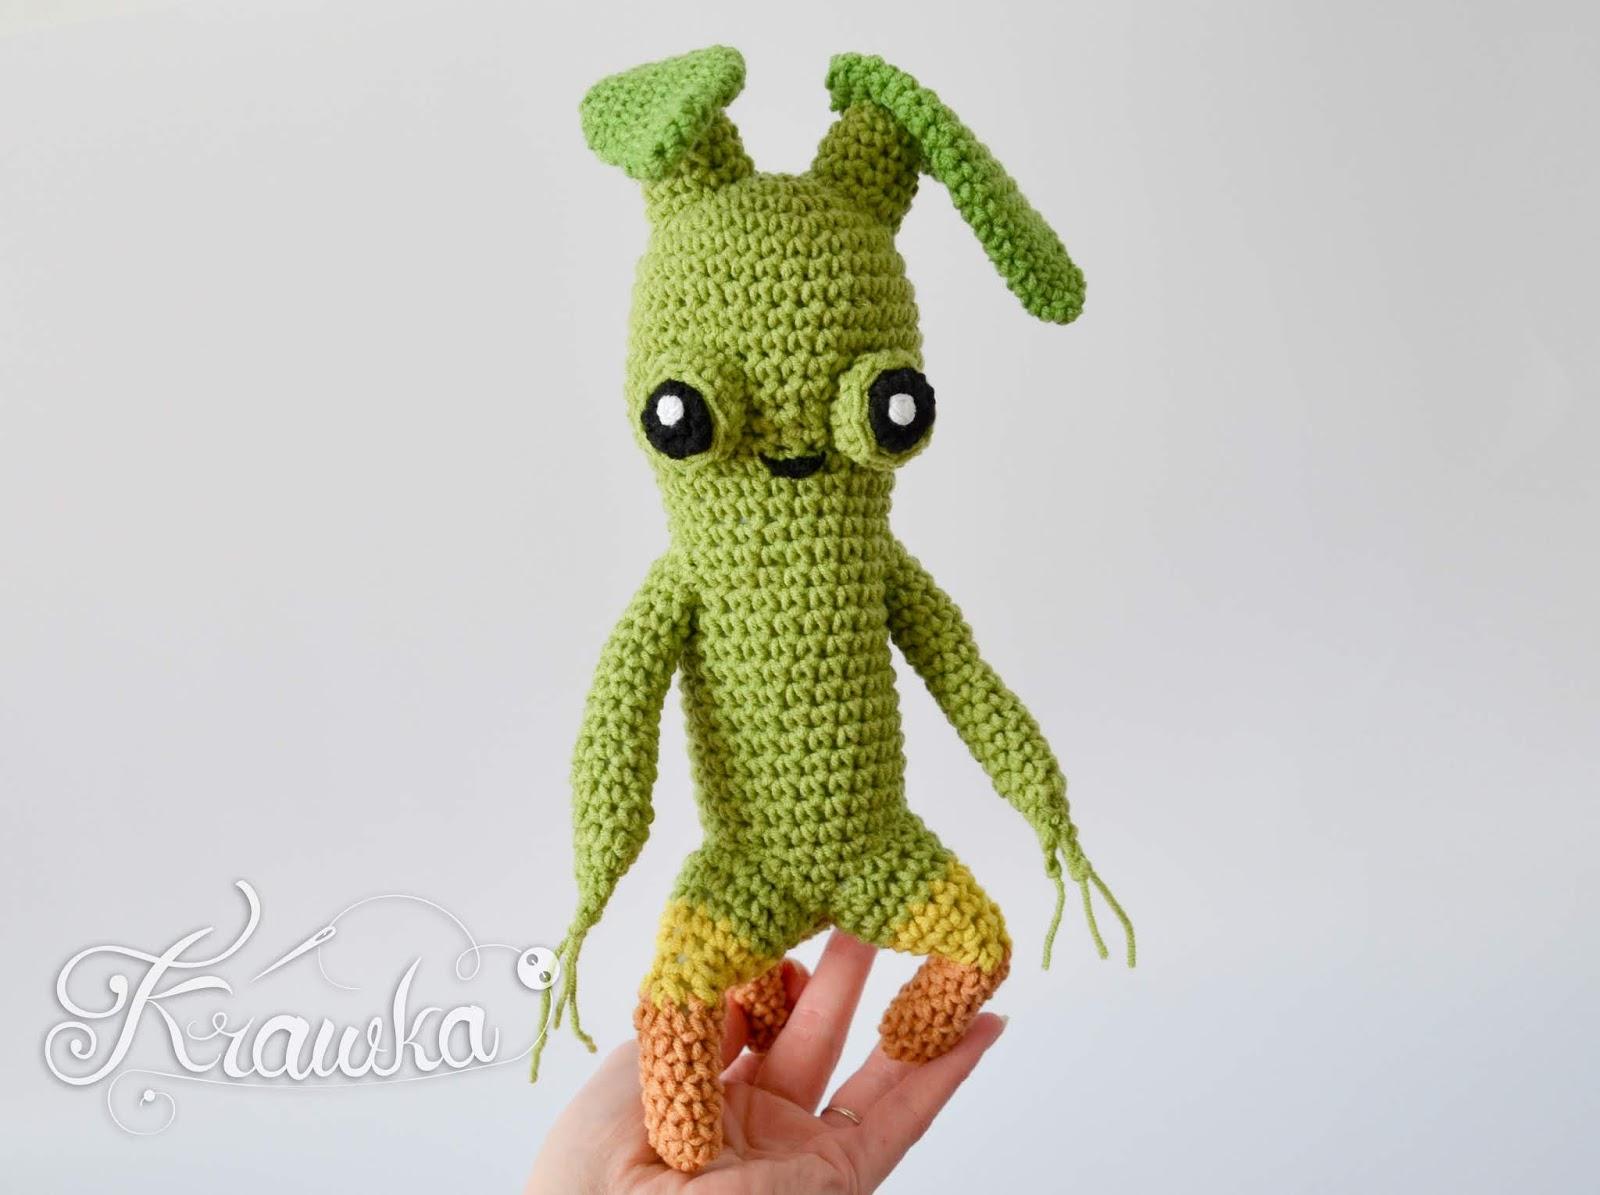 Krawka: pickett the green beast